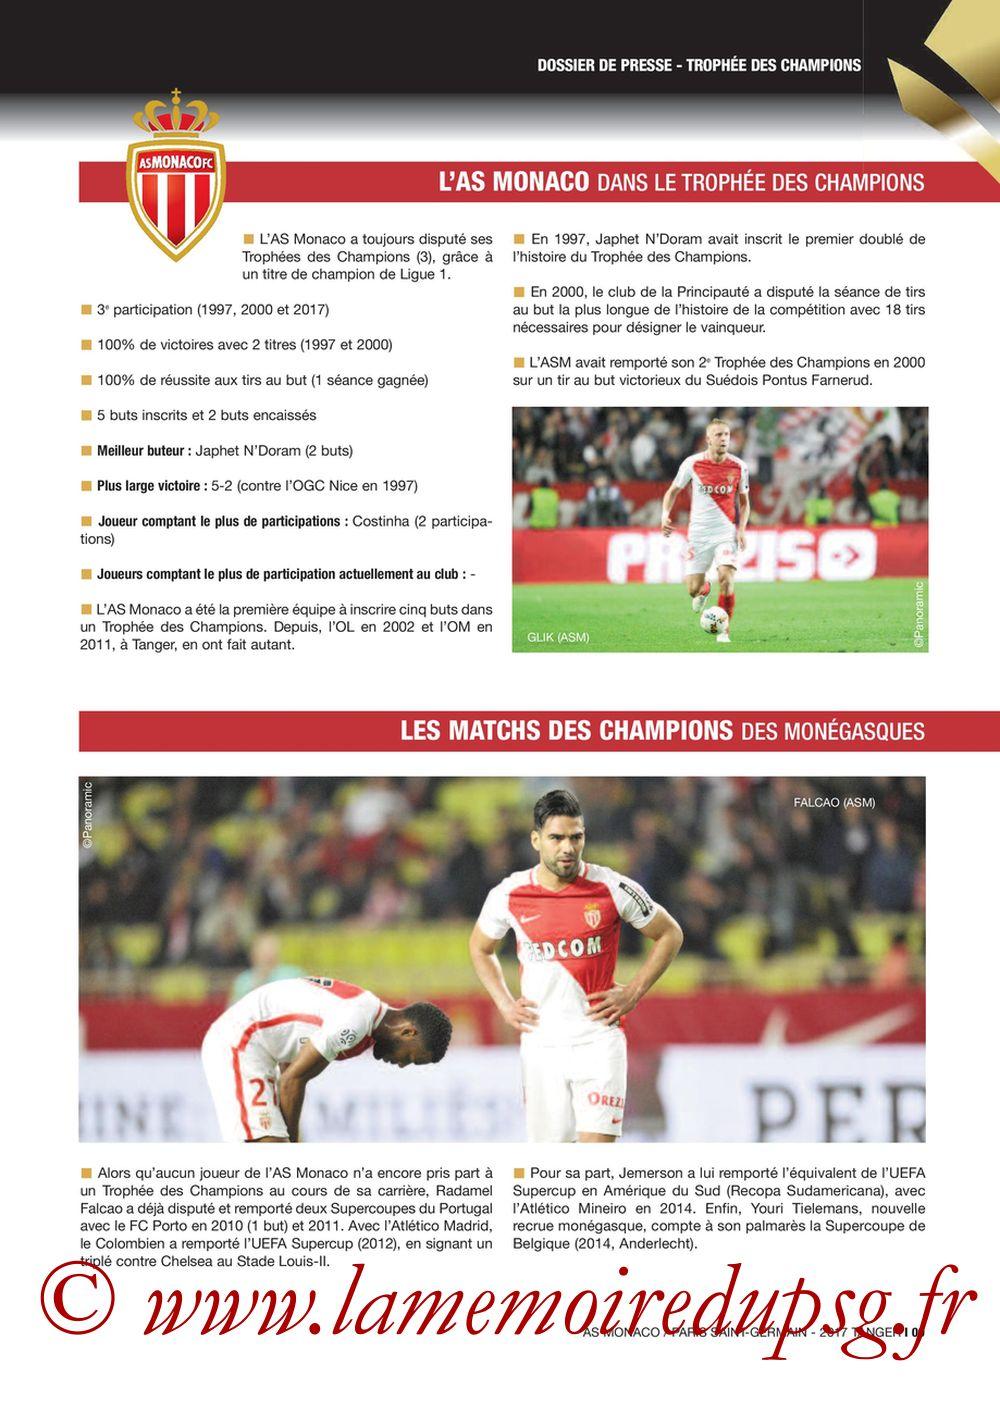 2017-07-29  Monaco-PSG (Trophée des Champions à Tanger, Dossier de Presse) - Page 09